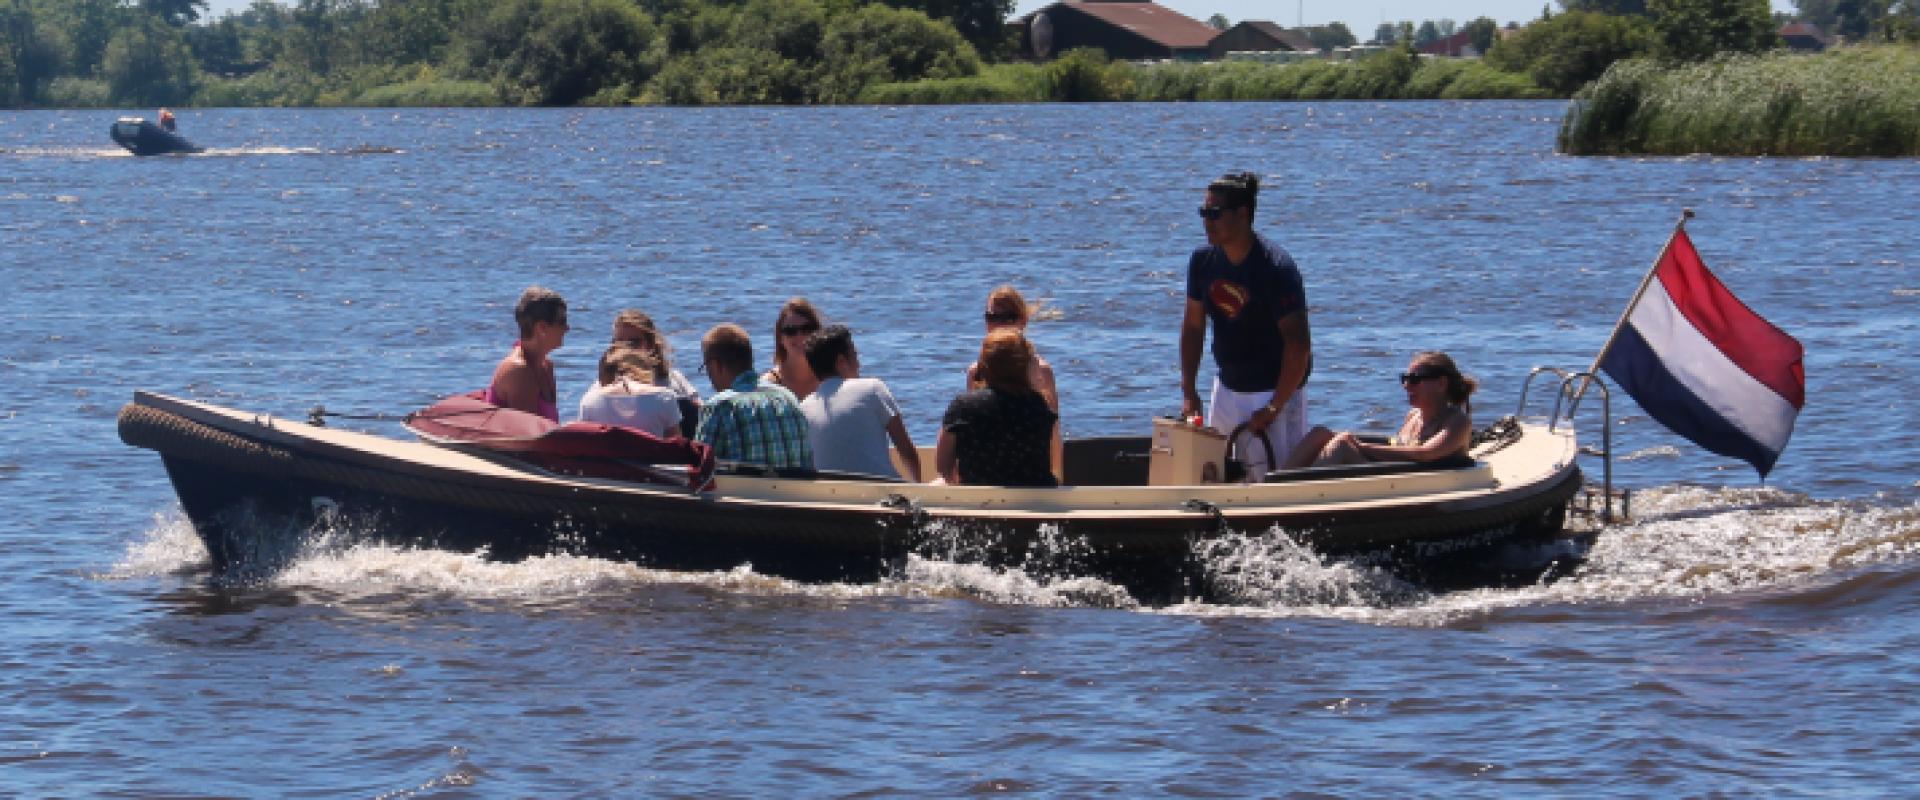 Sloepengame een leuk evenement op het water in een sloep